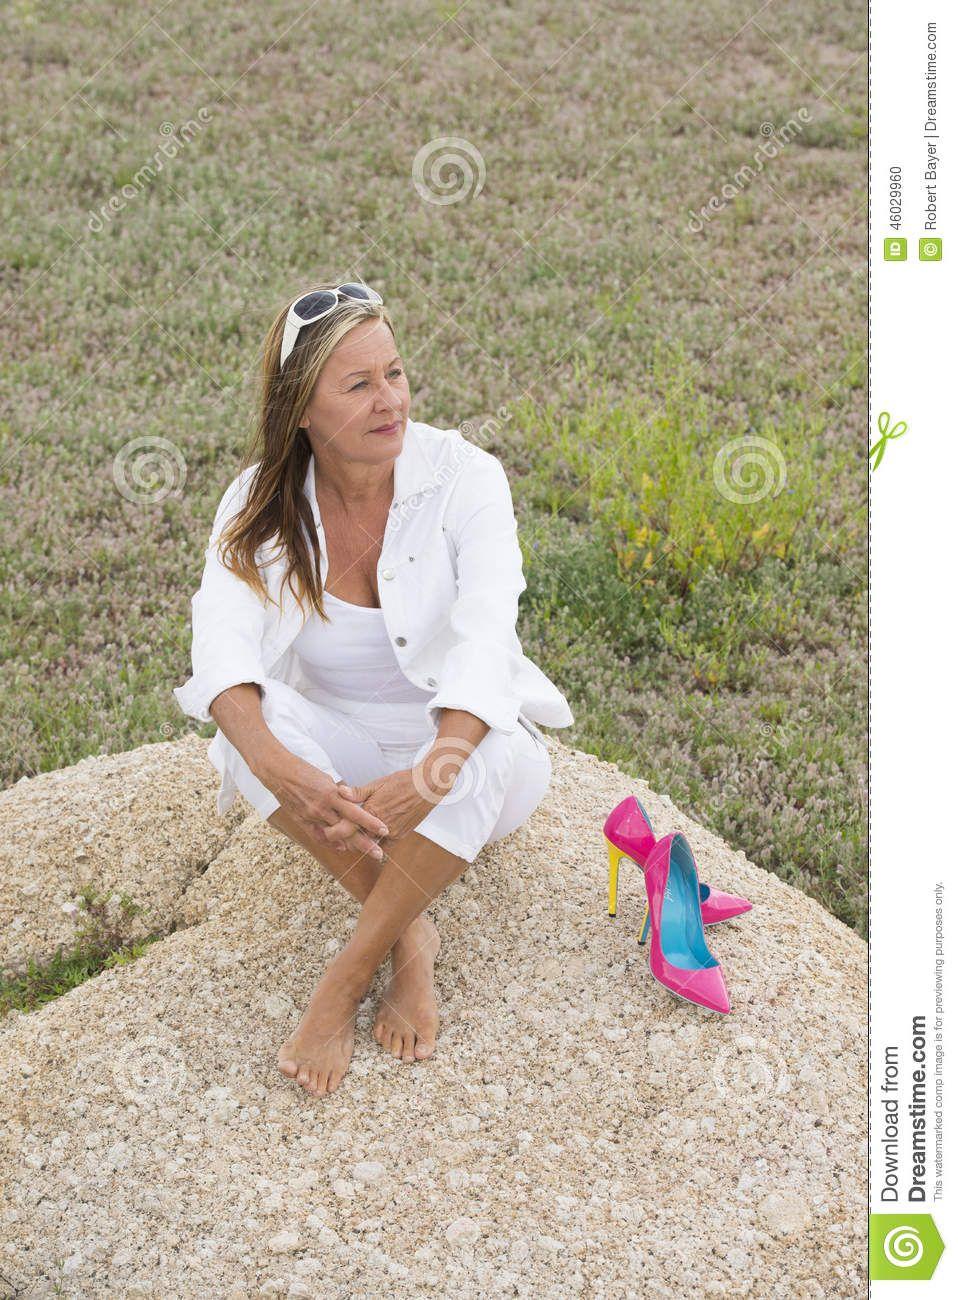 Feet of mature women